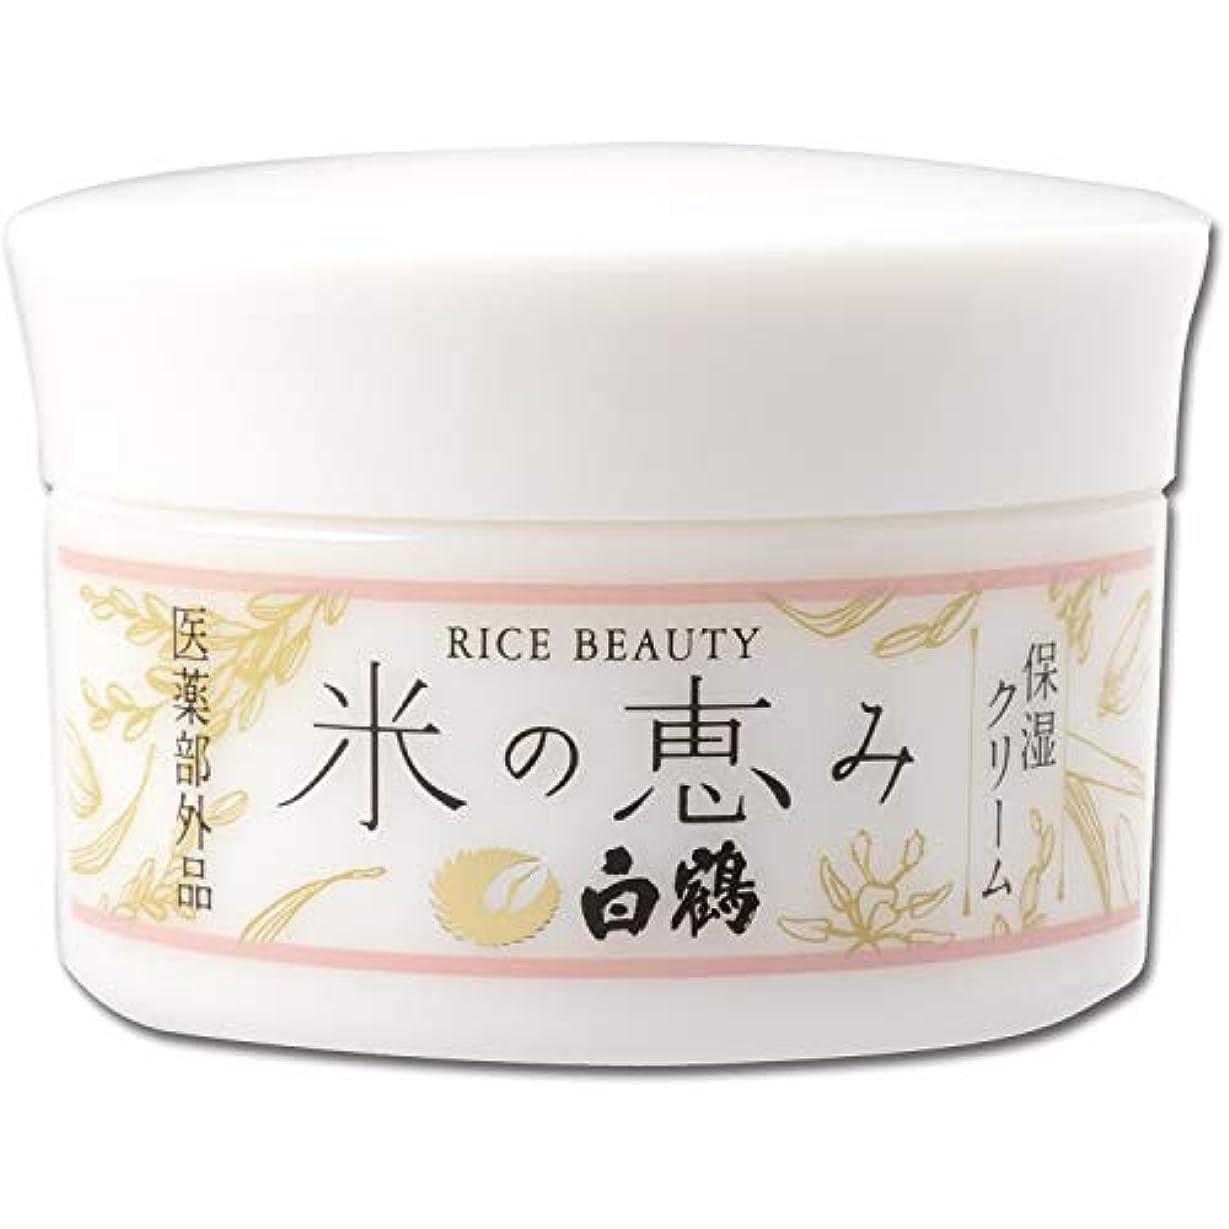 白鶴 ライスビューティー 米の恵み 保湿クリーム 48g (医薬部外品)